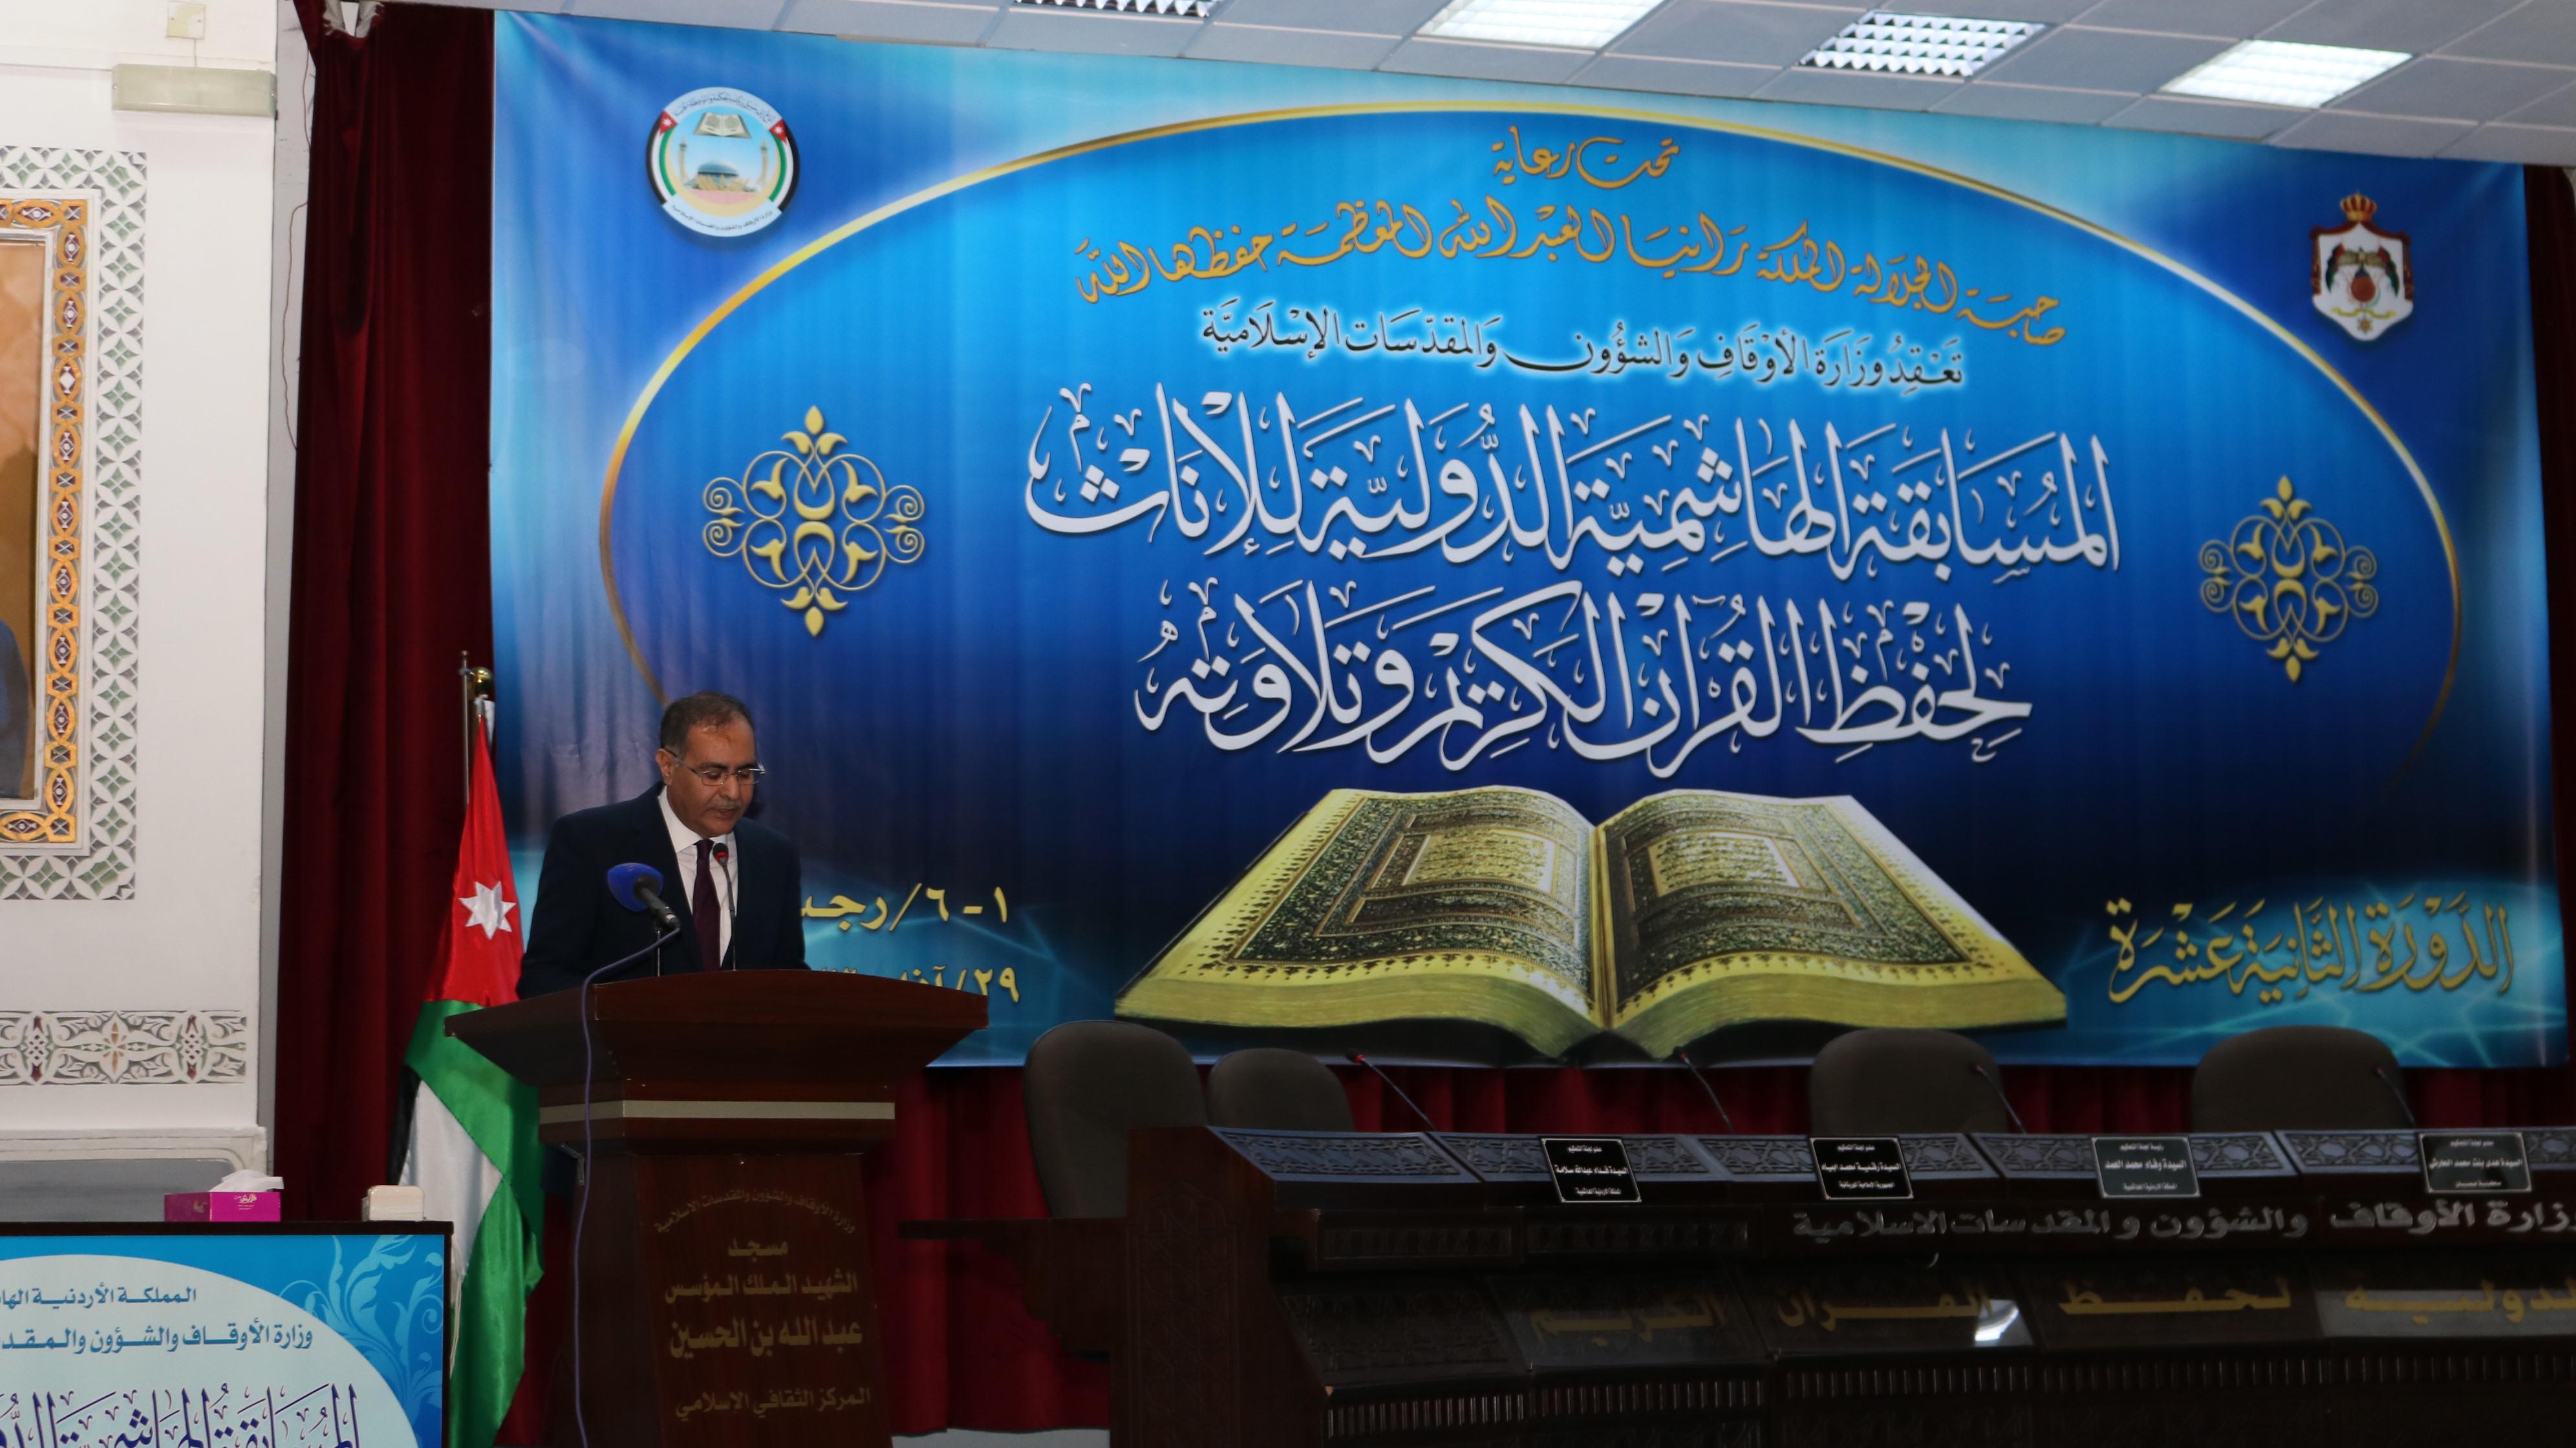 انطلاق التصفيات الأولية للمسابقة الهاشمية لحفظ القرآن الكريم